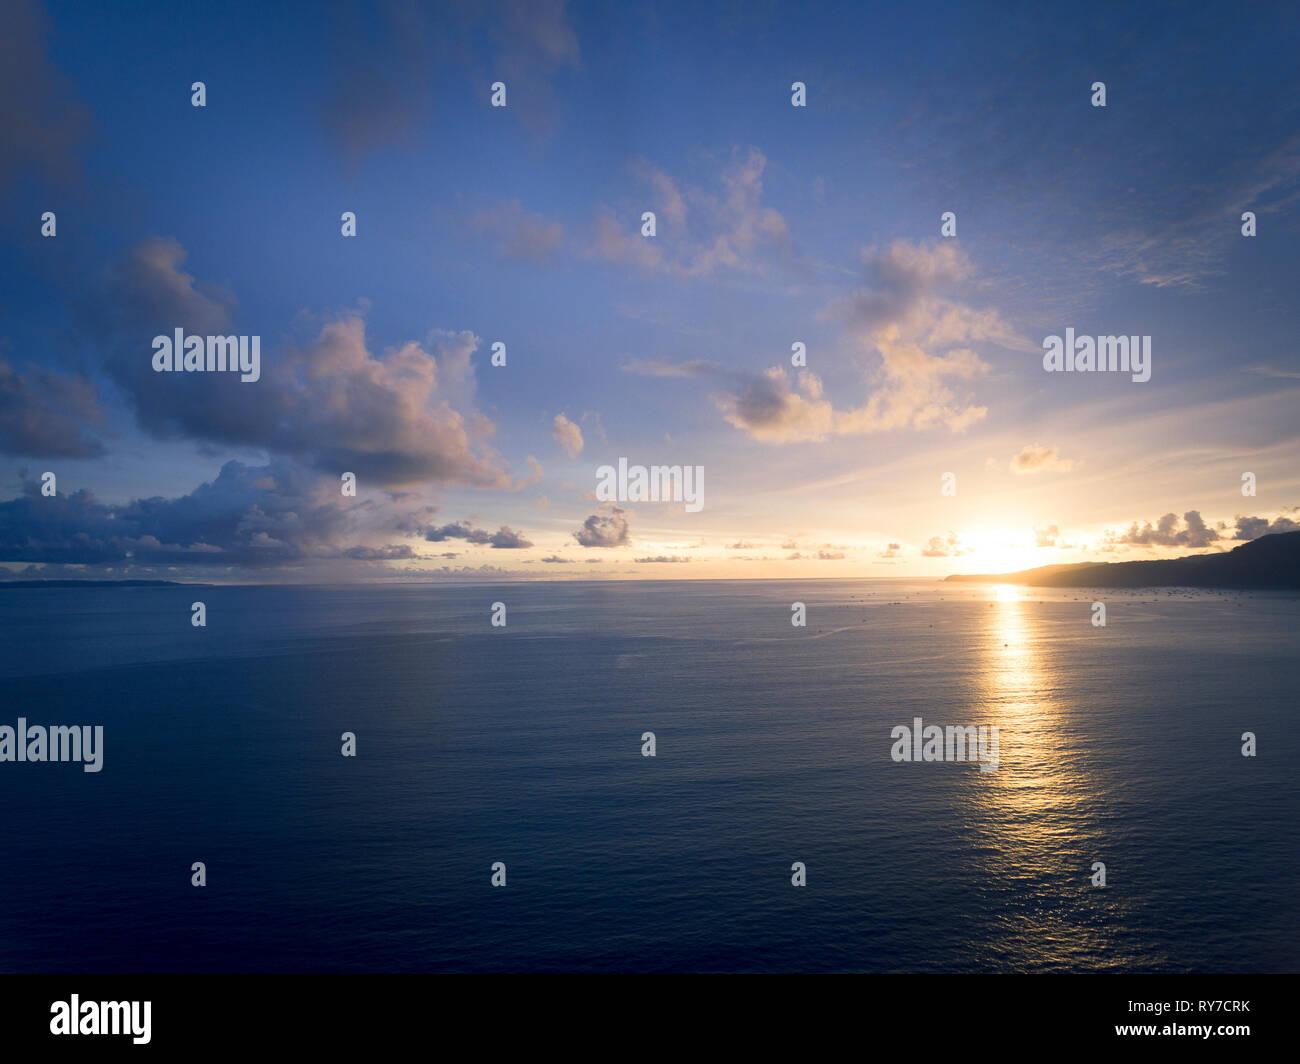 A serene scene of sunset - Stock Image